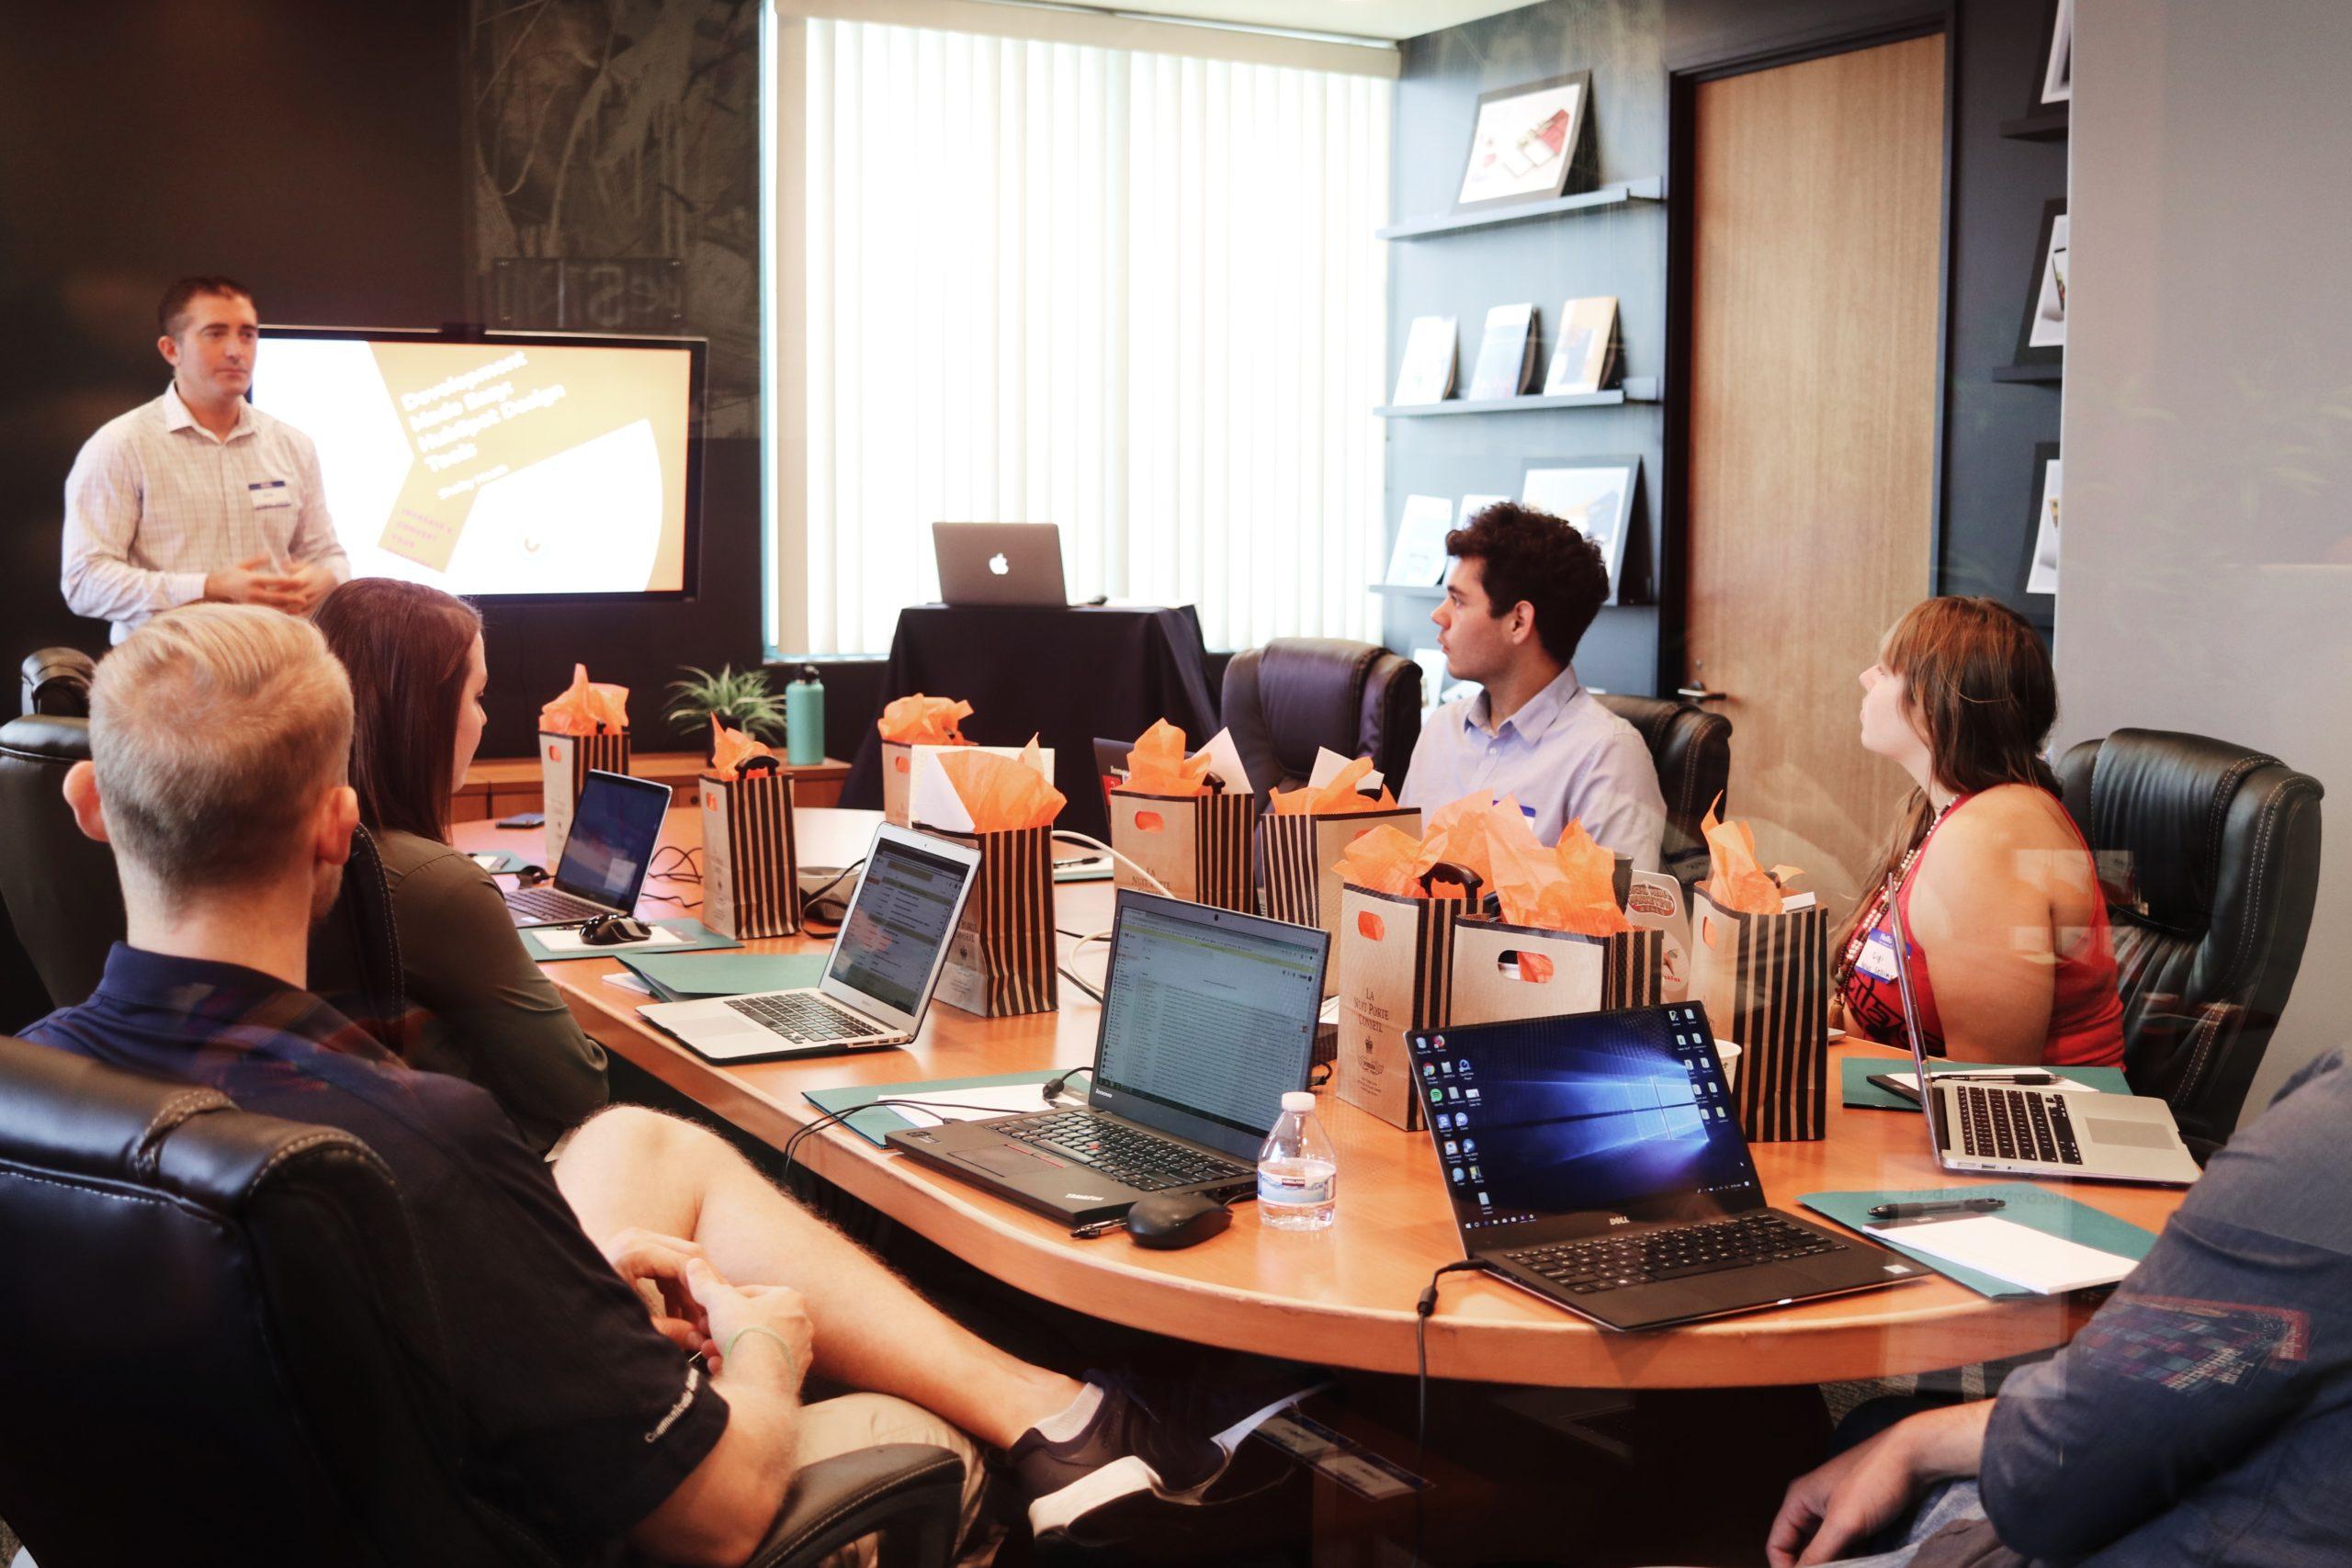 Czym jest Venture Capital? Wady i zalety